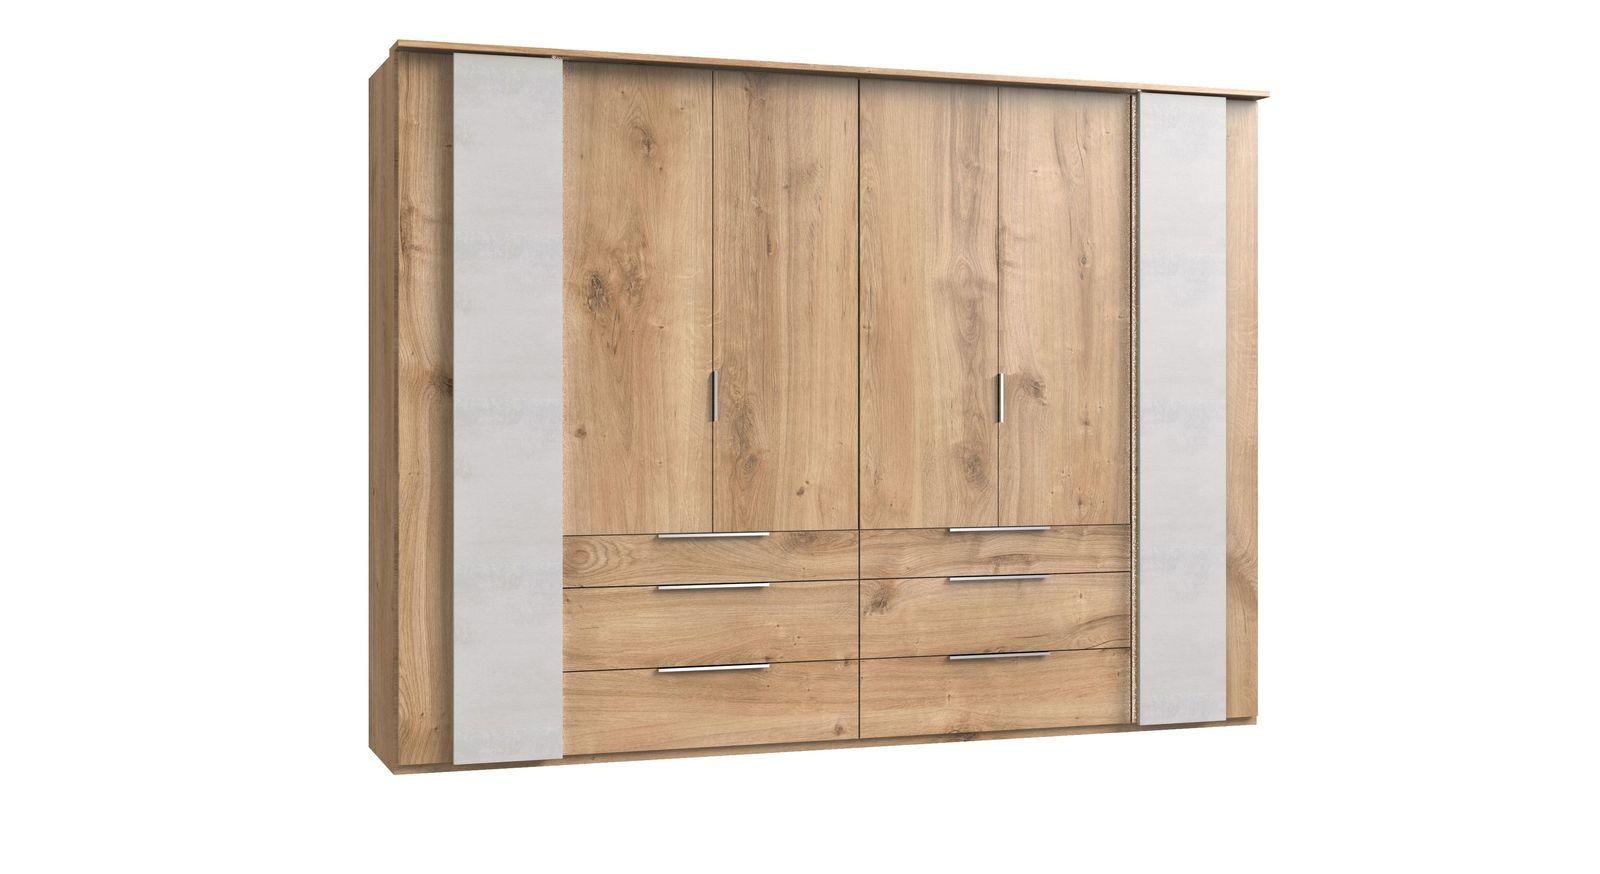 Funktions-Kleiderschrank Pomona mit Koffertüren in Beton-Optik